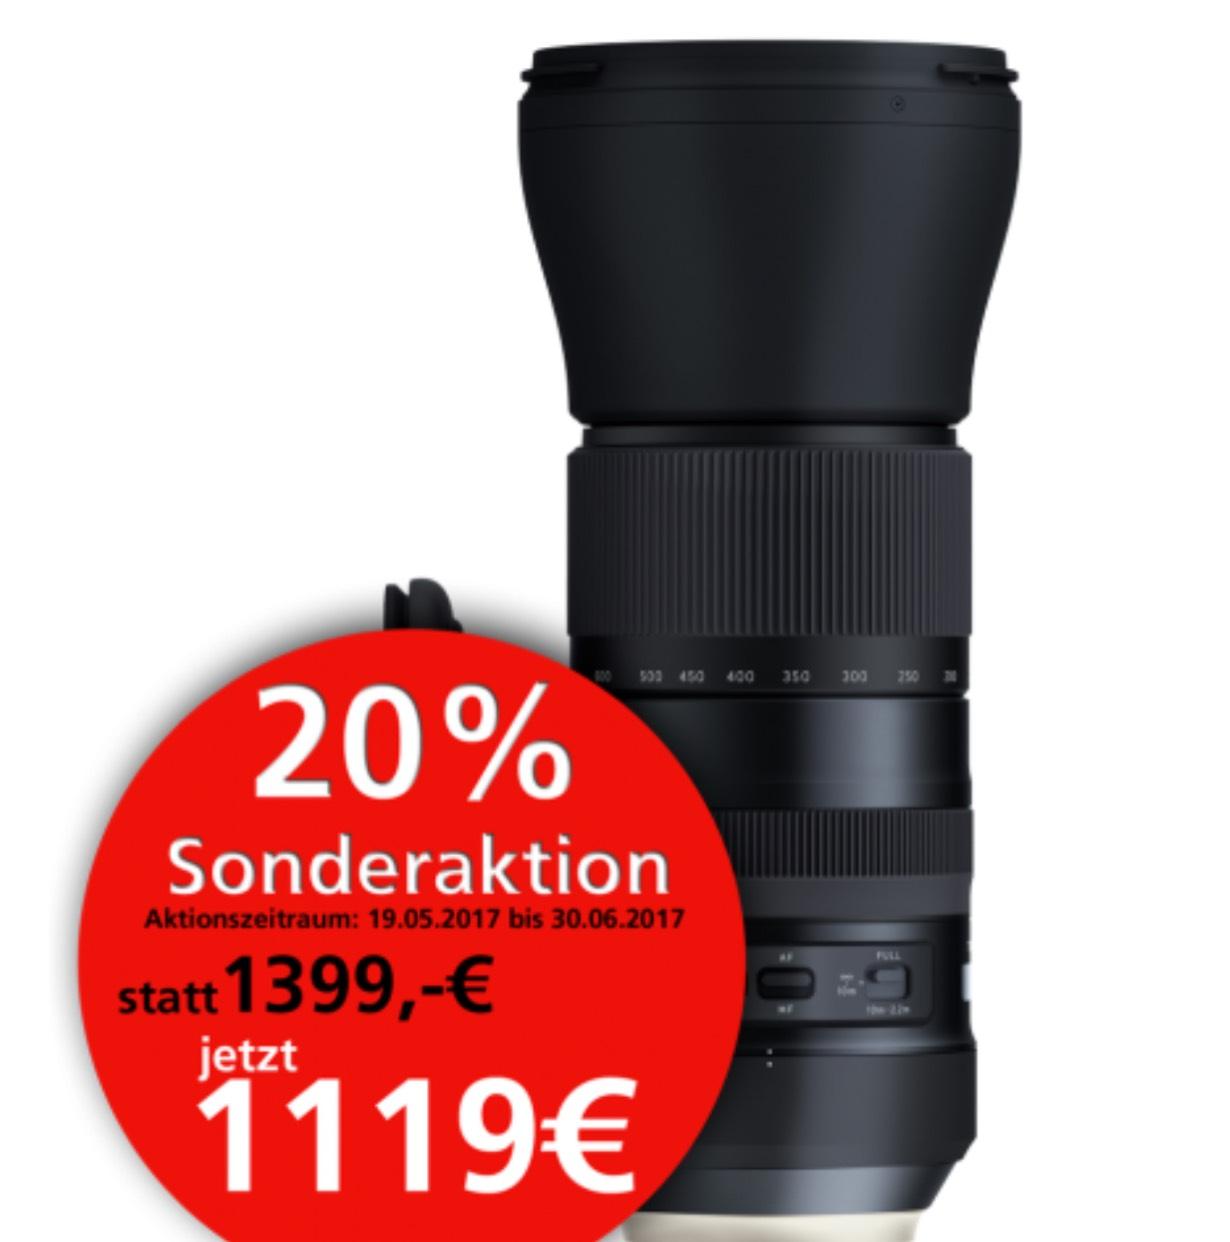 Tamron 150-600mm 1:5-6,3 Di VC USD G2 Nikon/Canon/Sony (Amazon 336€ teurer) online und offline Angebot